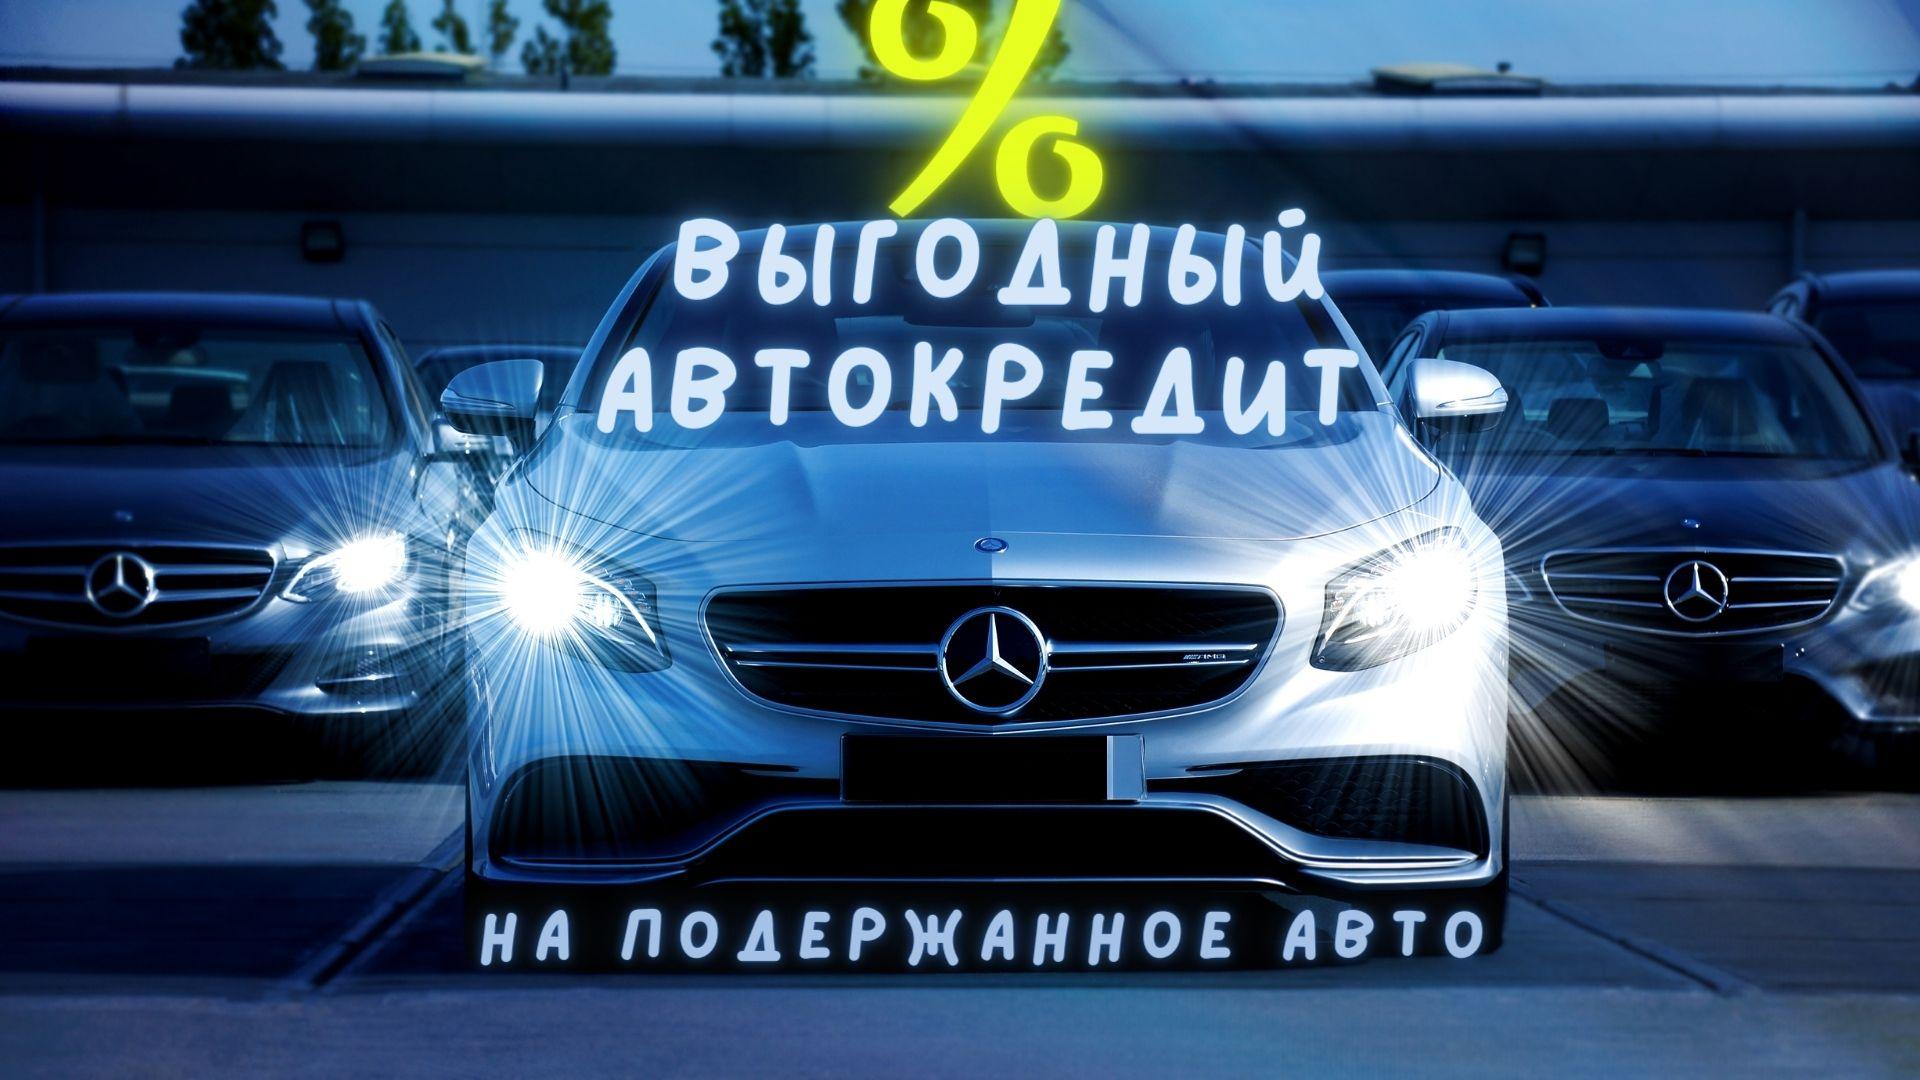 Самый выгодный автокредит на подержанные автомобили. Топ-3 банка